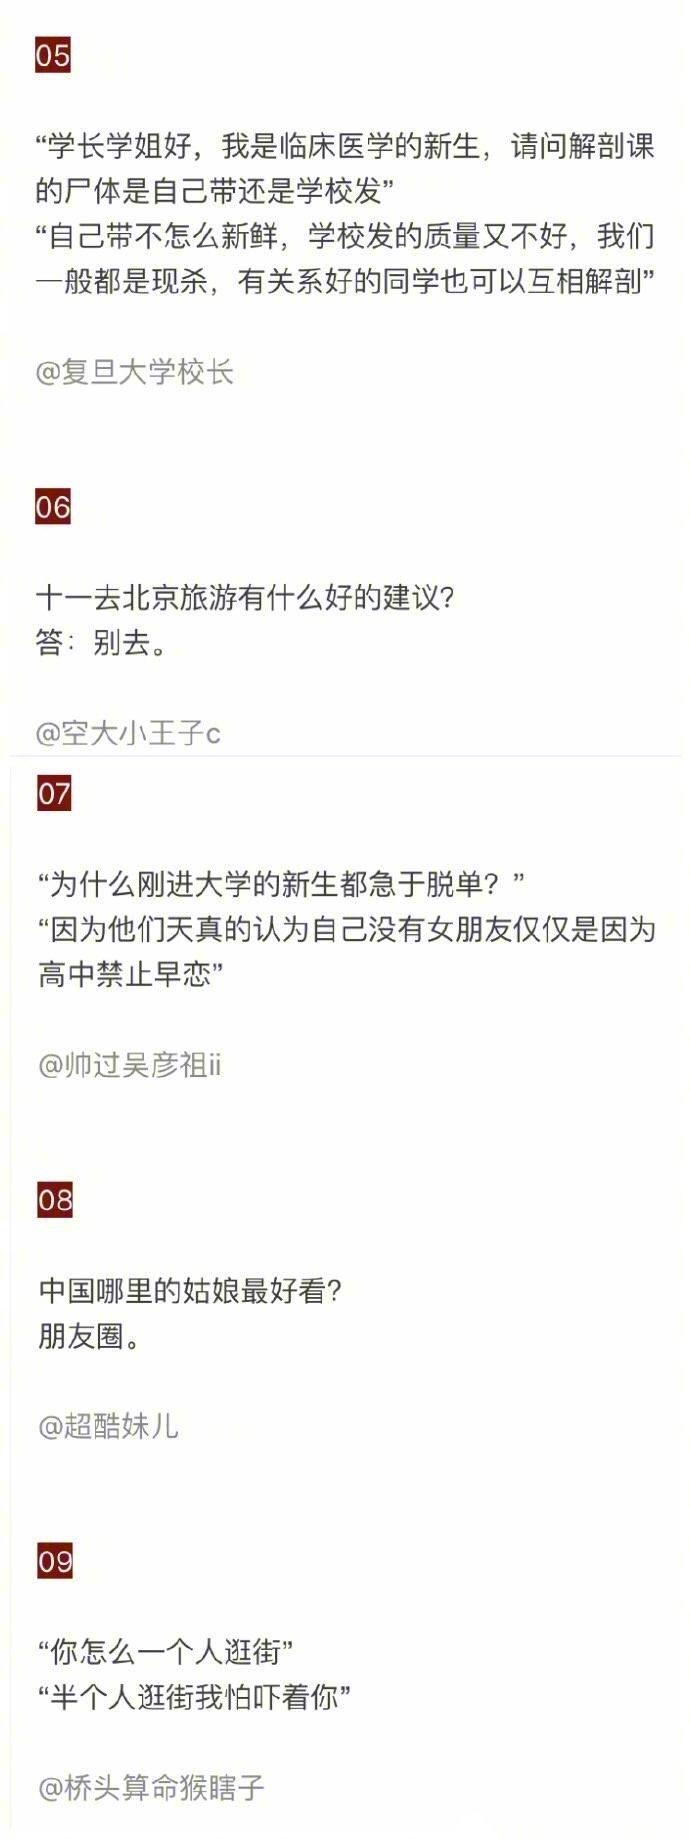 姜大卫:我不知道多希望周杰伦是我私生子